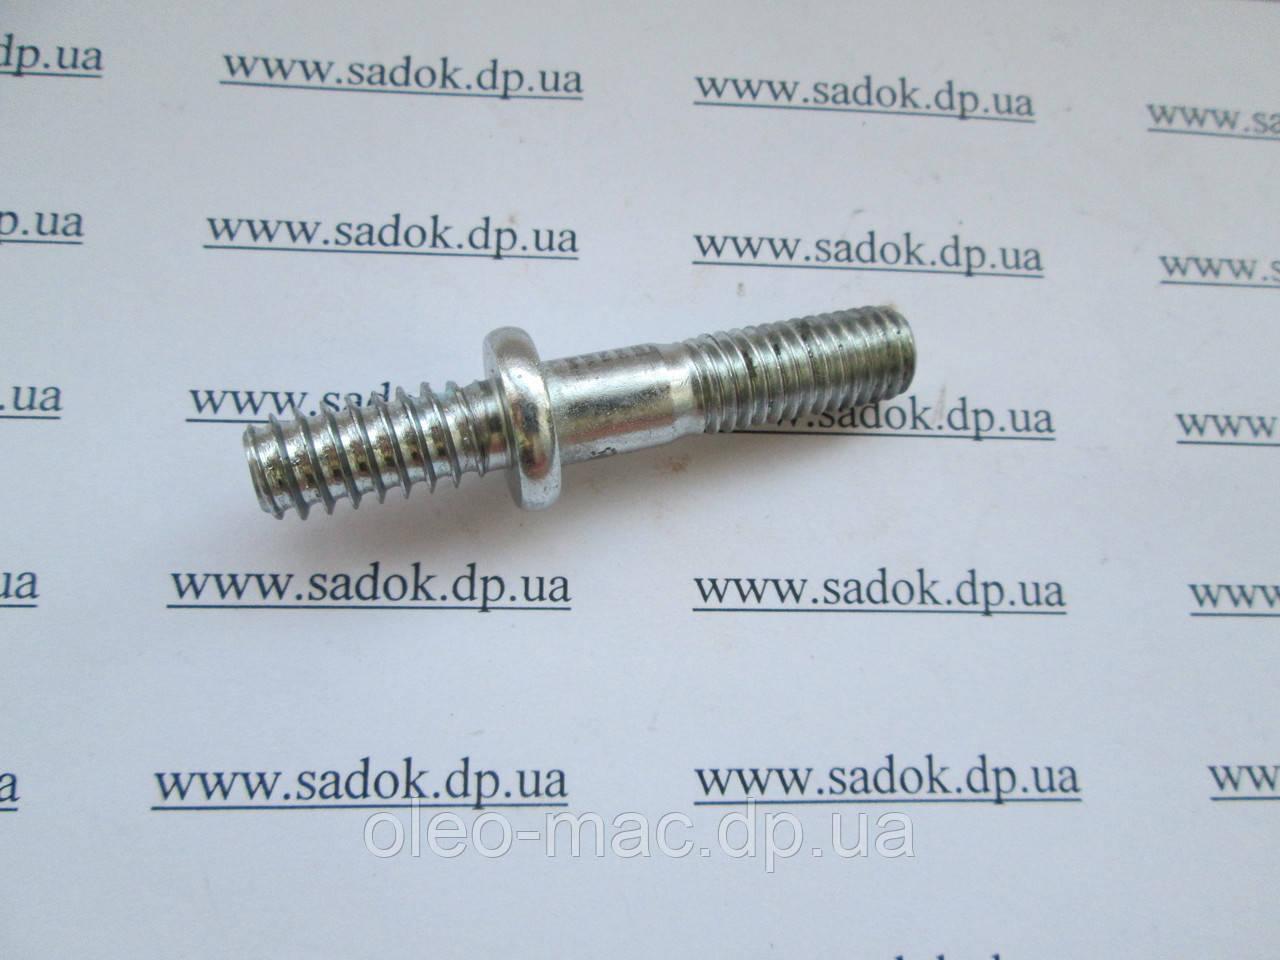 Шпилька для бензопилы Oleo-Mac GS 35С, 937, 941С, GS 44